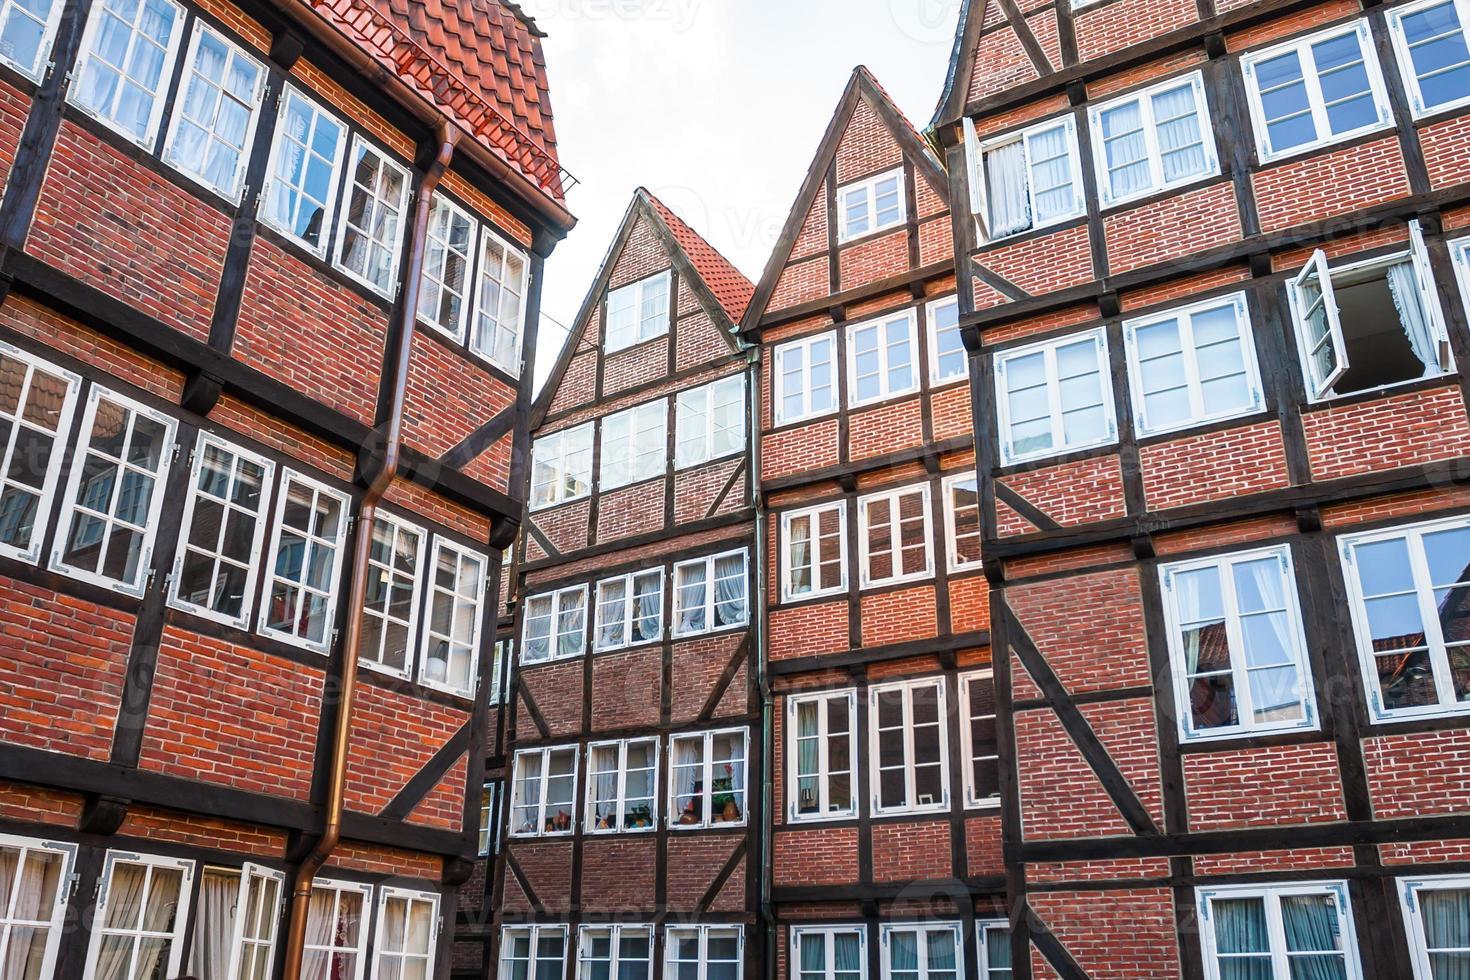 rote Backsteinhäuser im historischen Zentrum von Hamburg foto